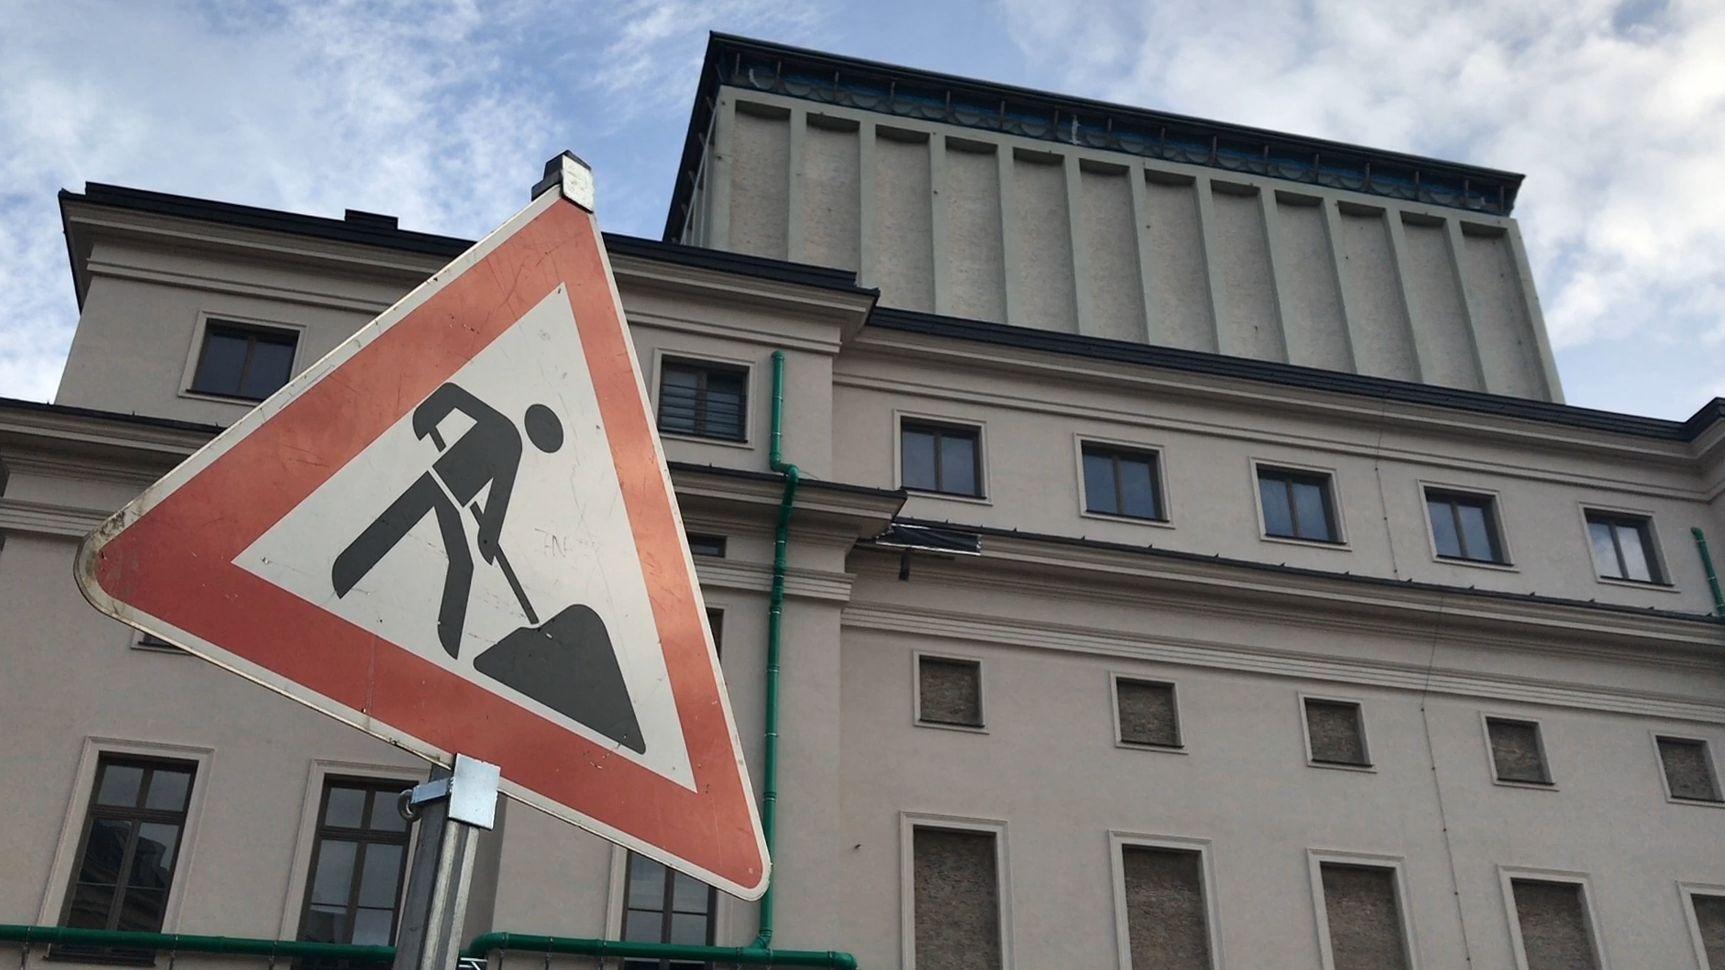 Augsburger Staatstheater mit Baustillenschild